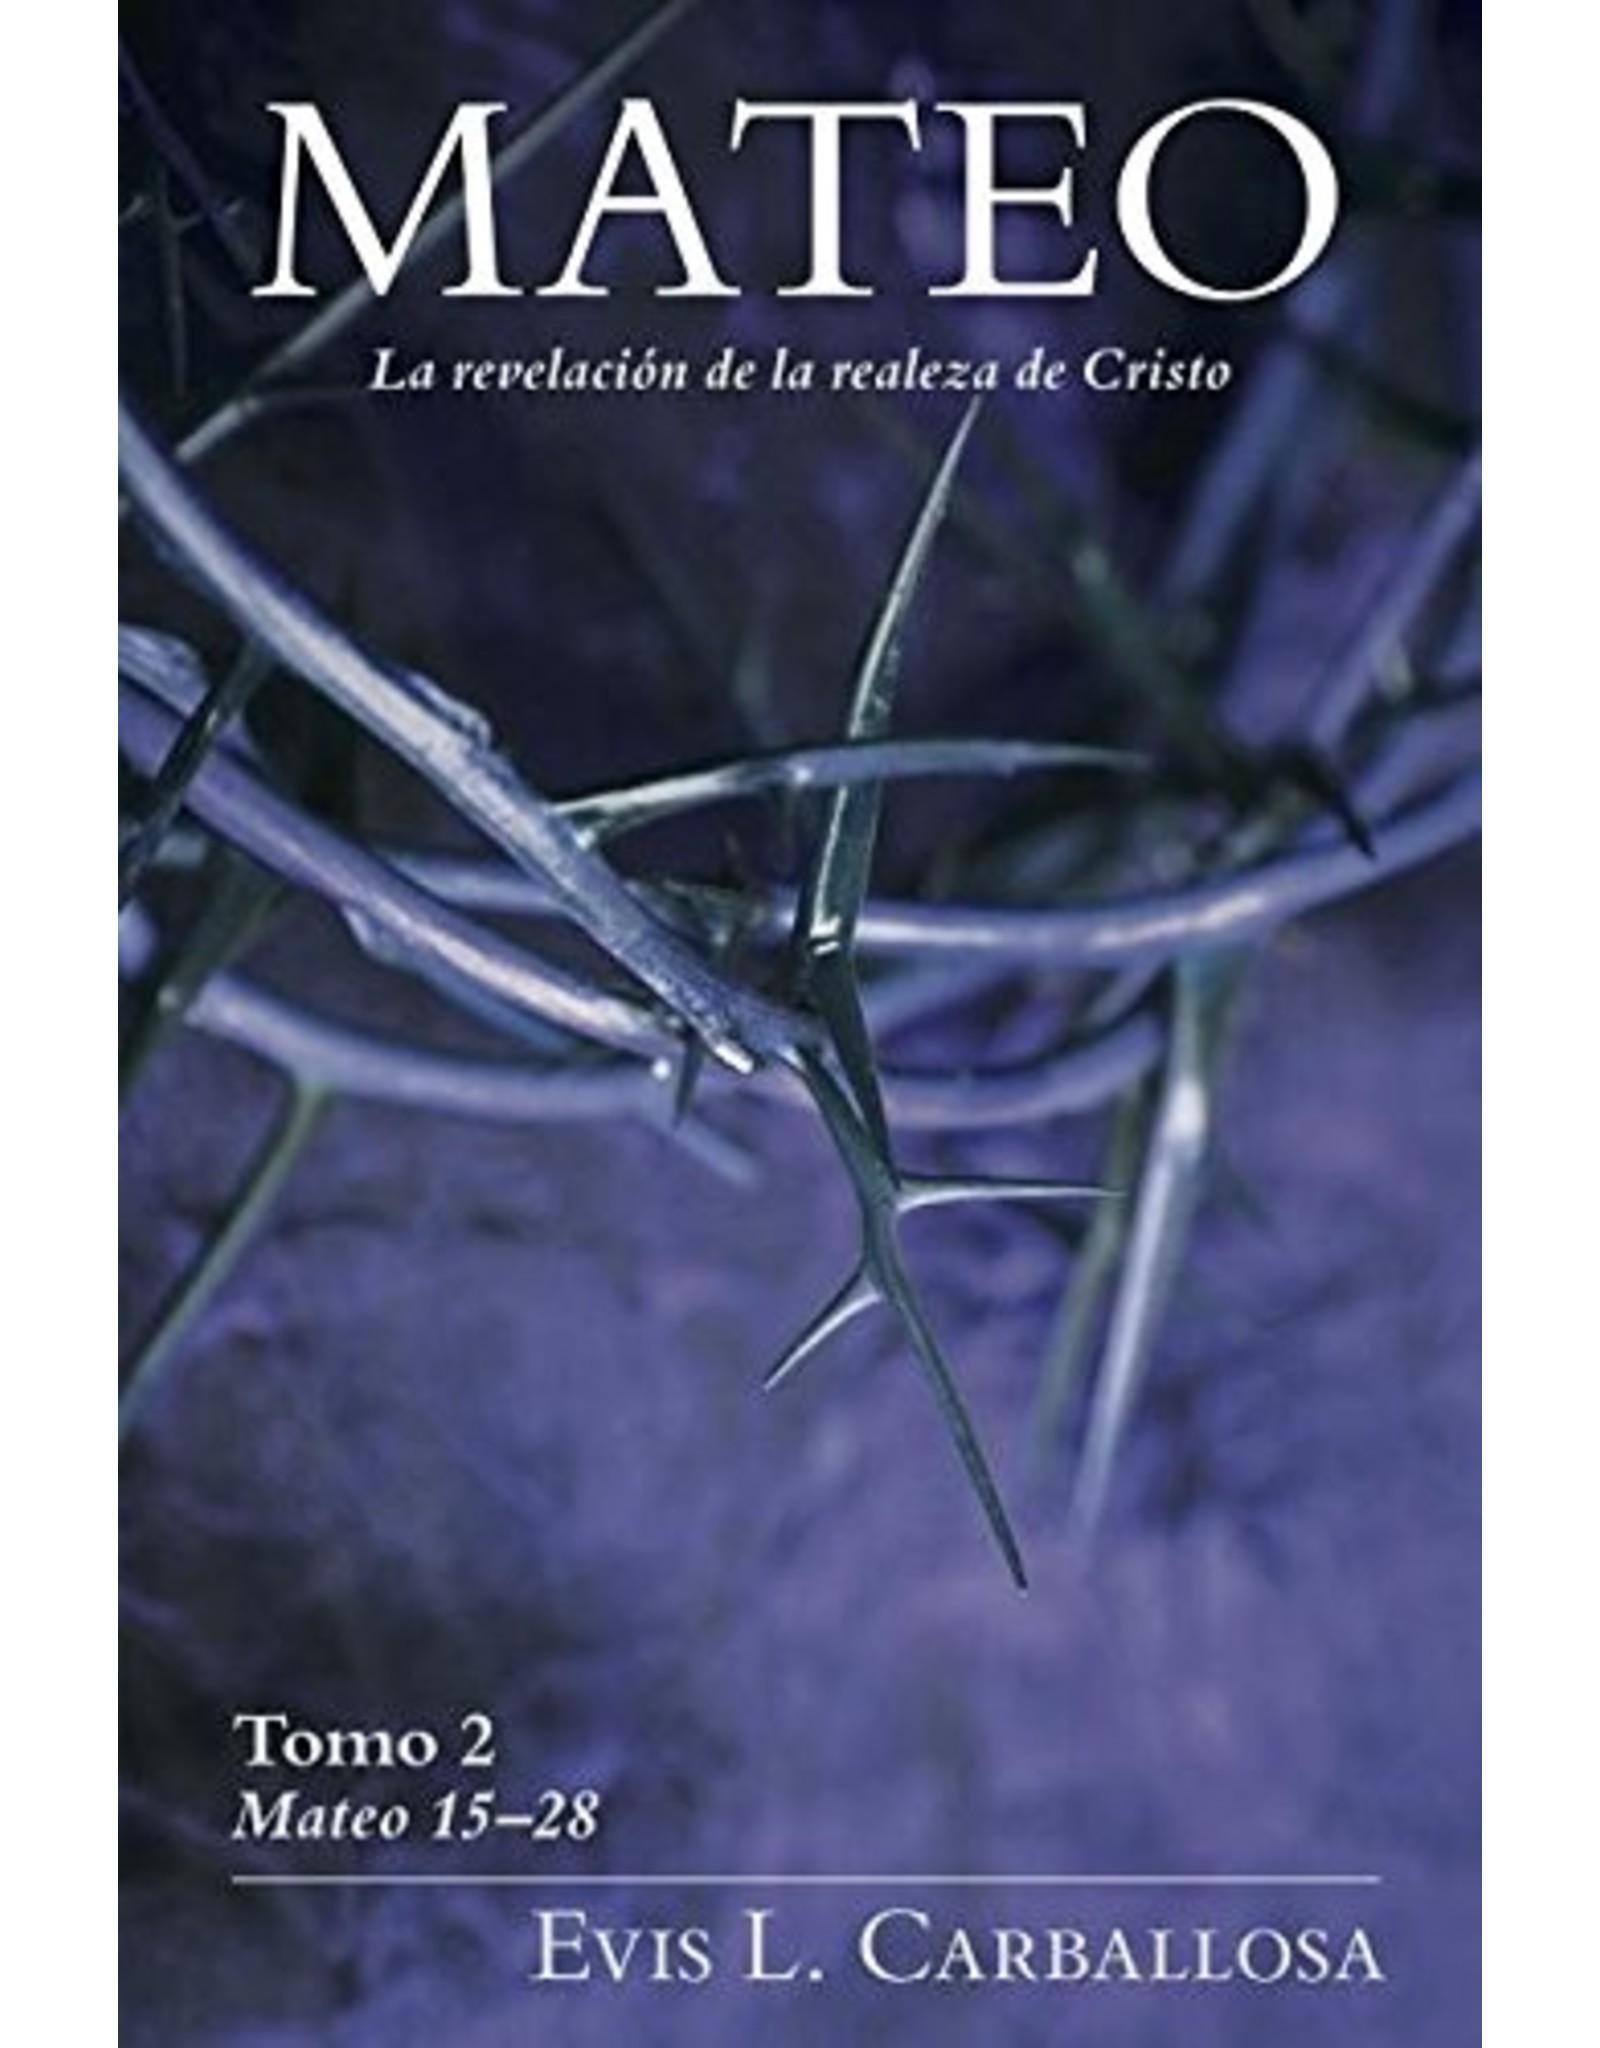 Kregel / Portavoz / Ingram Meteo: La Revelacion de la Realeza de Cristo, Tomo 2 (Matthew Volume 2 in Spanish)